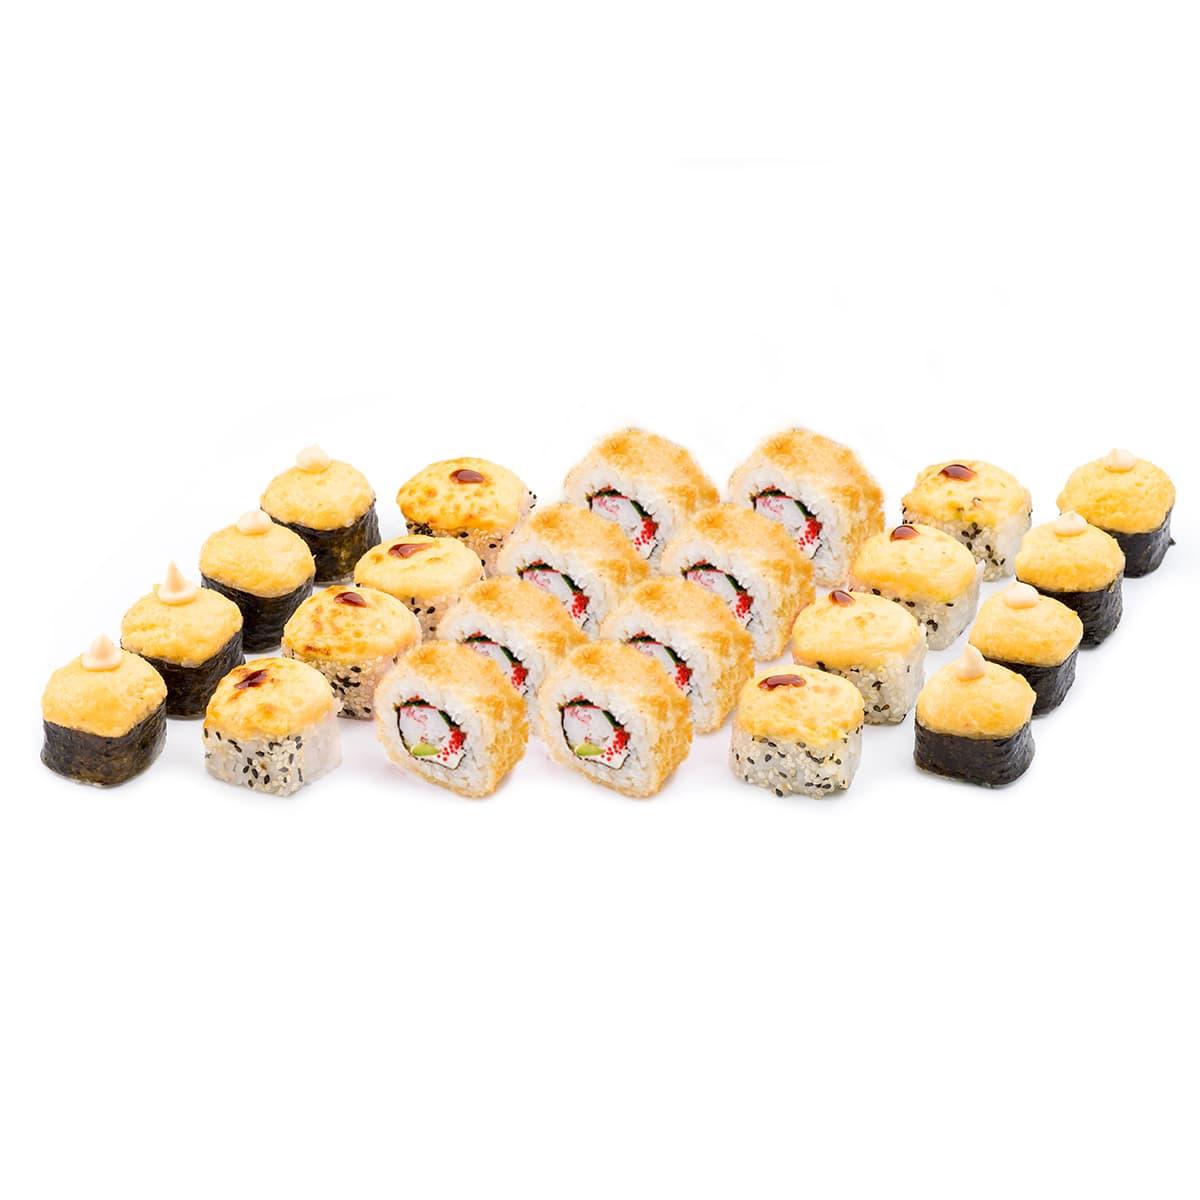 горячий суши-сет доставка Ирпень буча